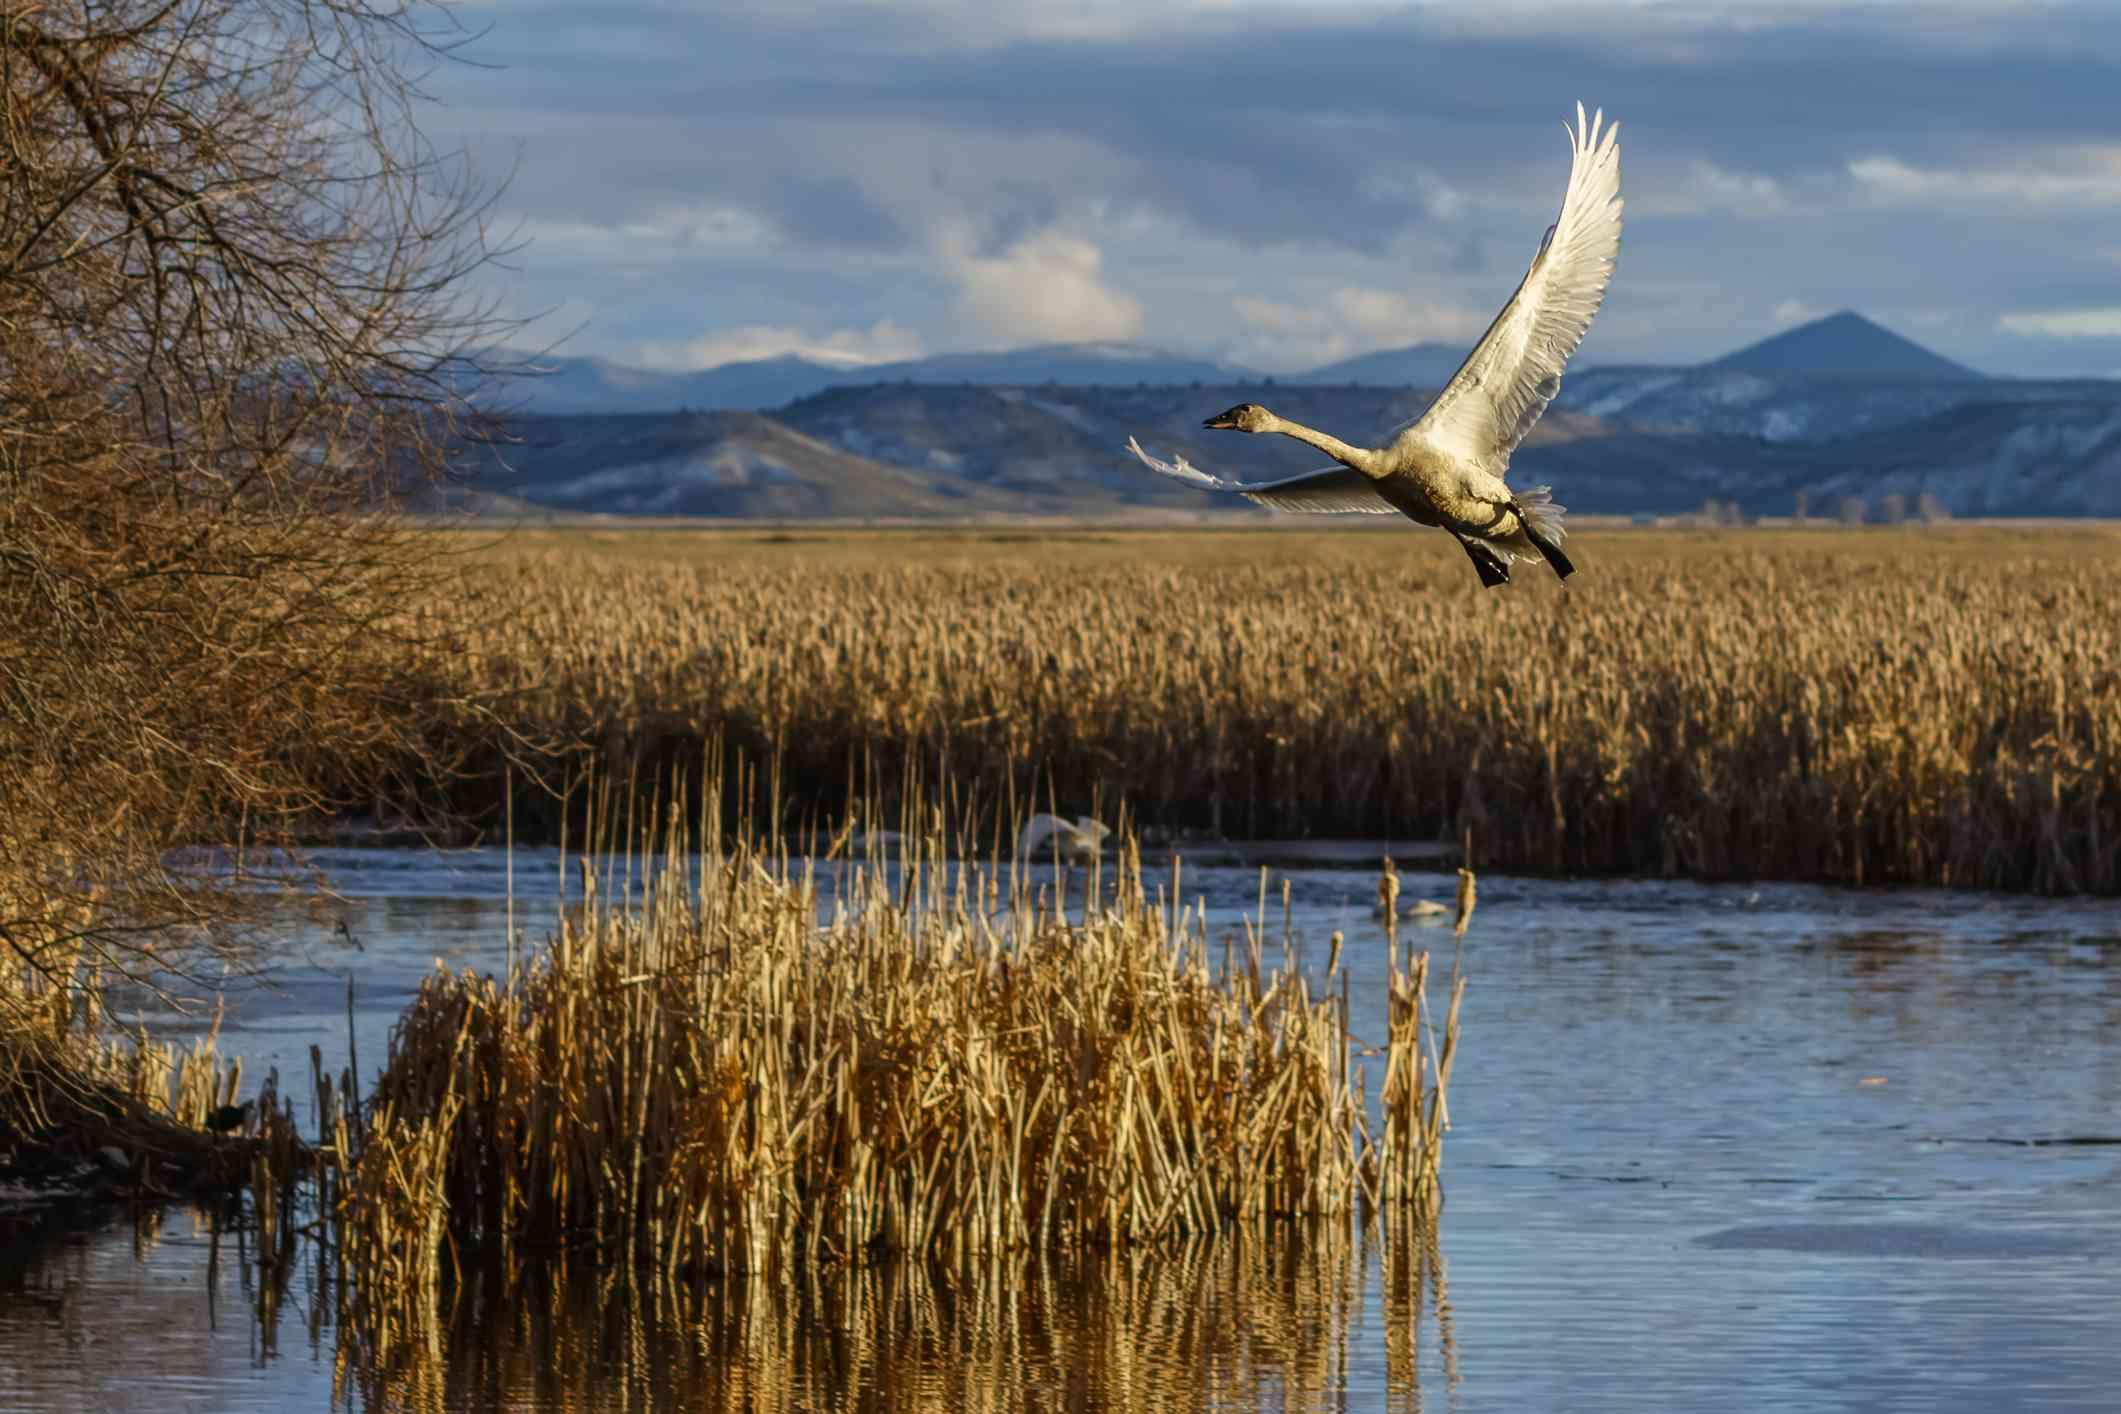 Tundra swan at the Klamath Basin National Wildlife Refuge